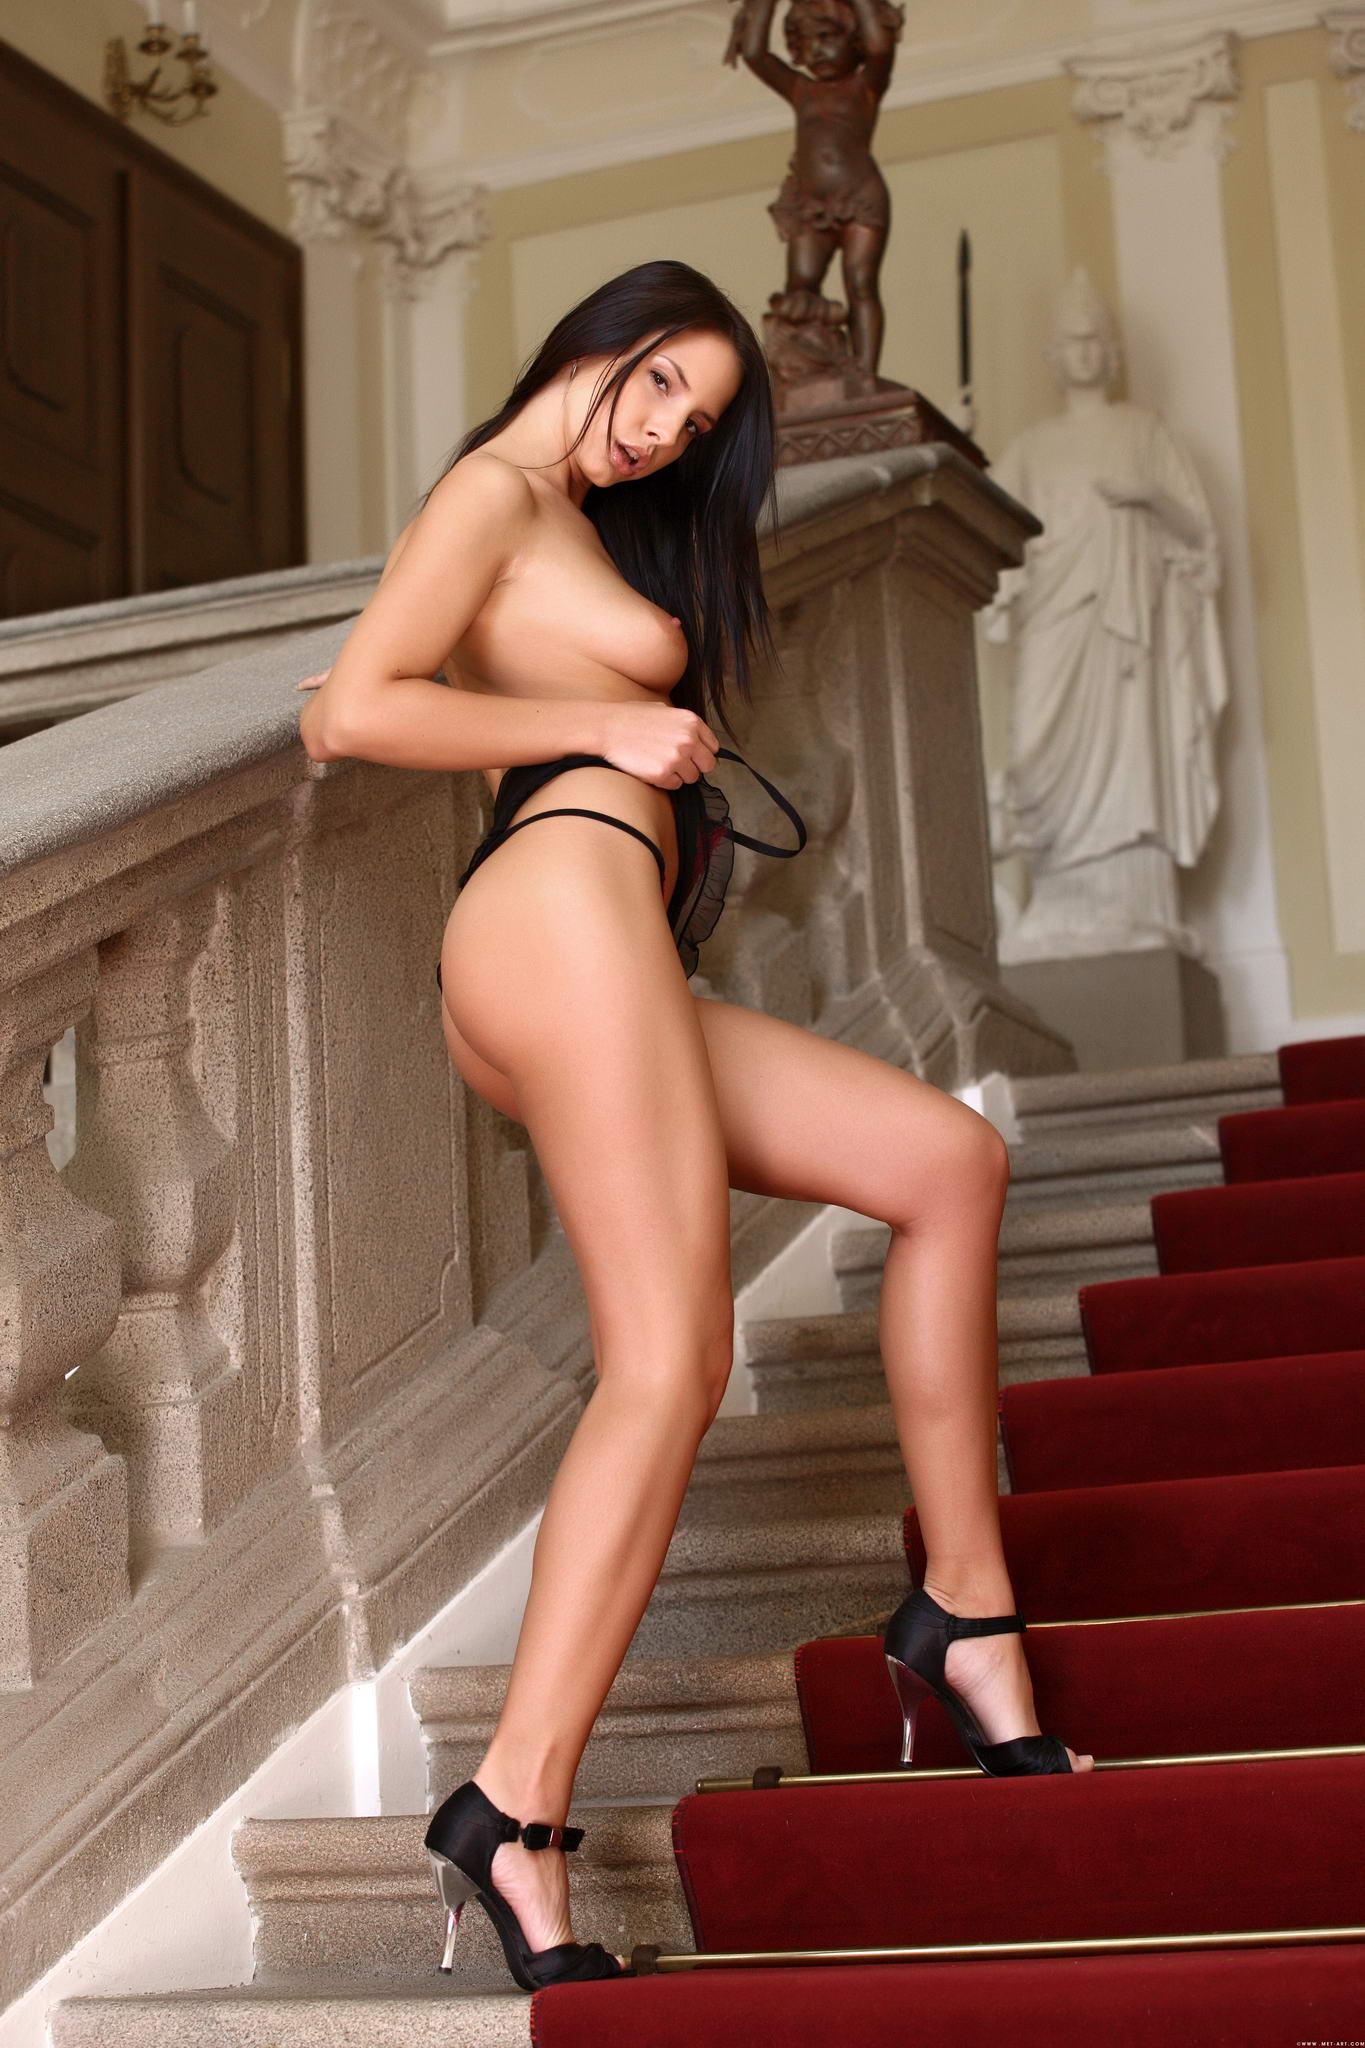 Проститутки благовещенск 2000 рублей 16 фотография